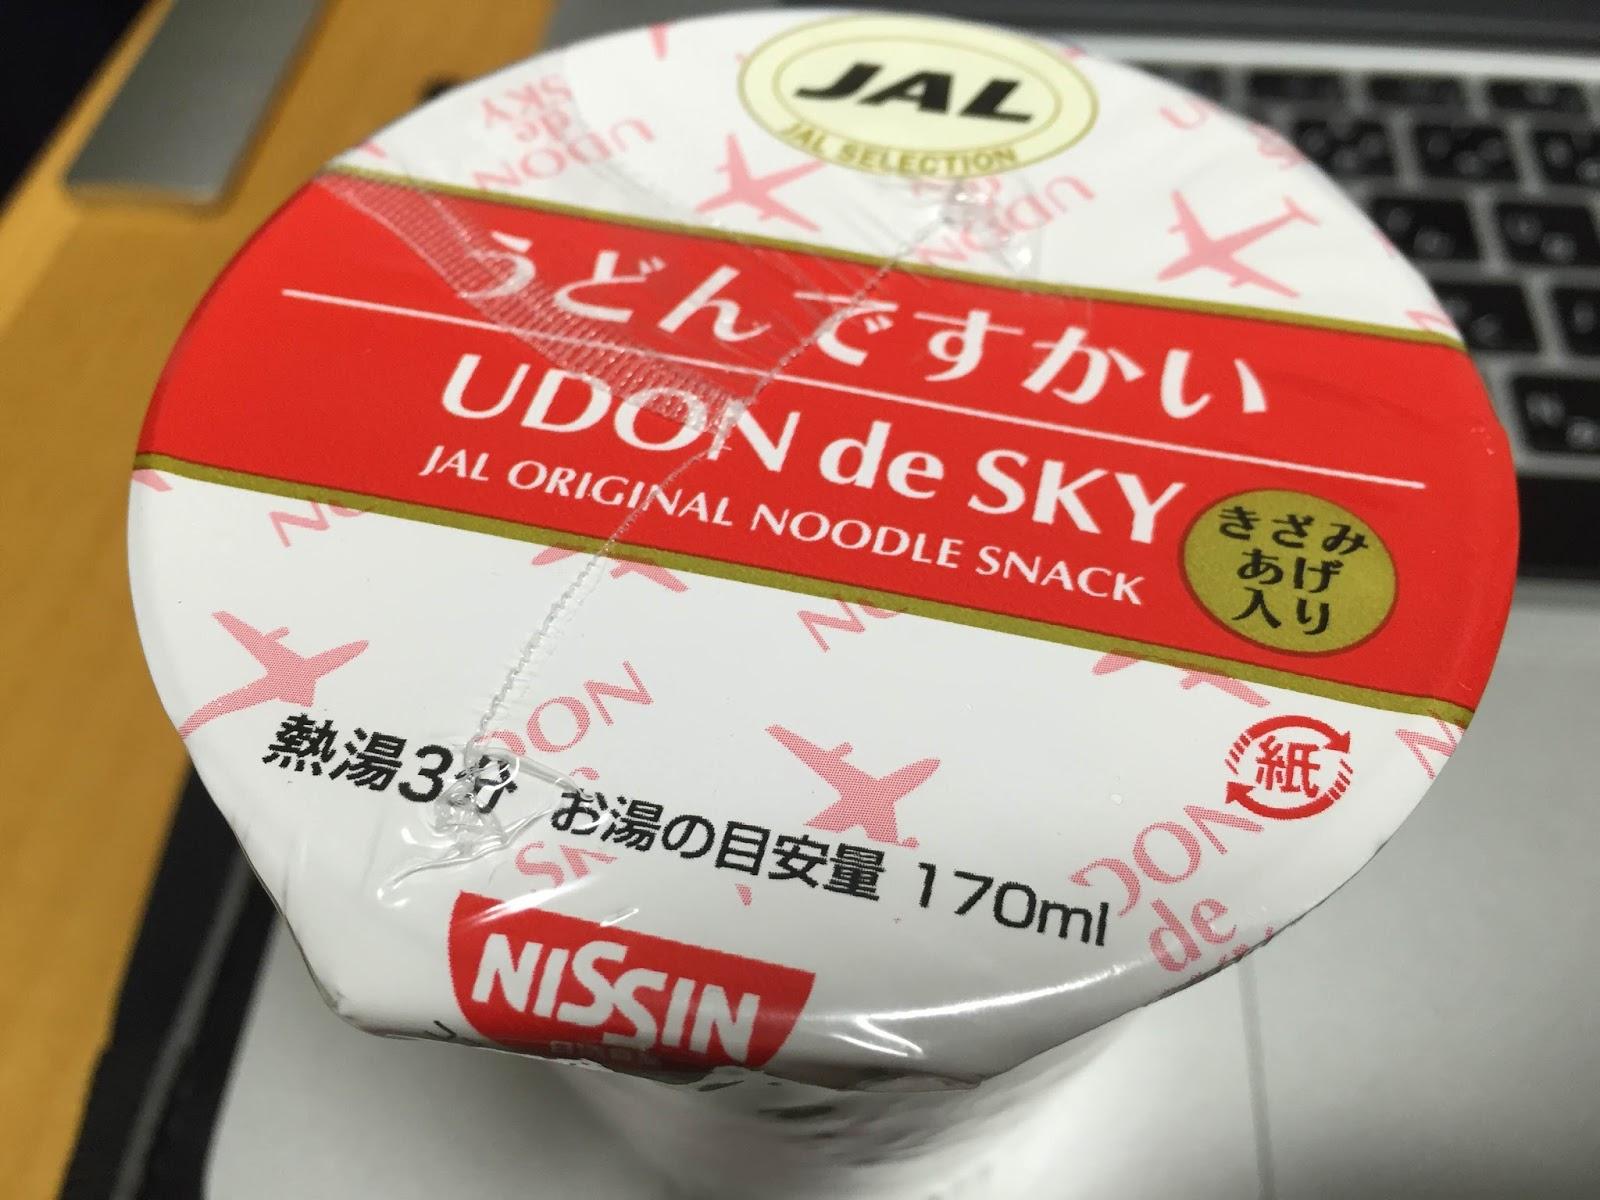 udon de sky うどんですかい